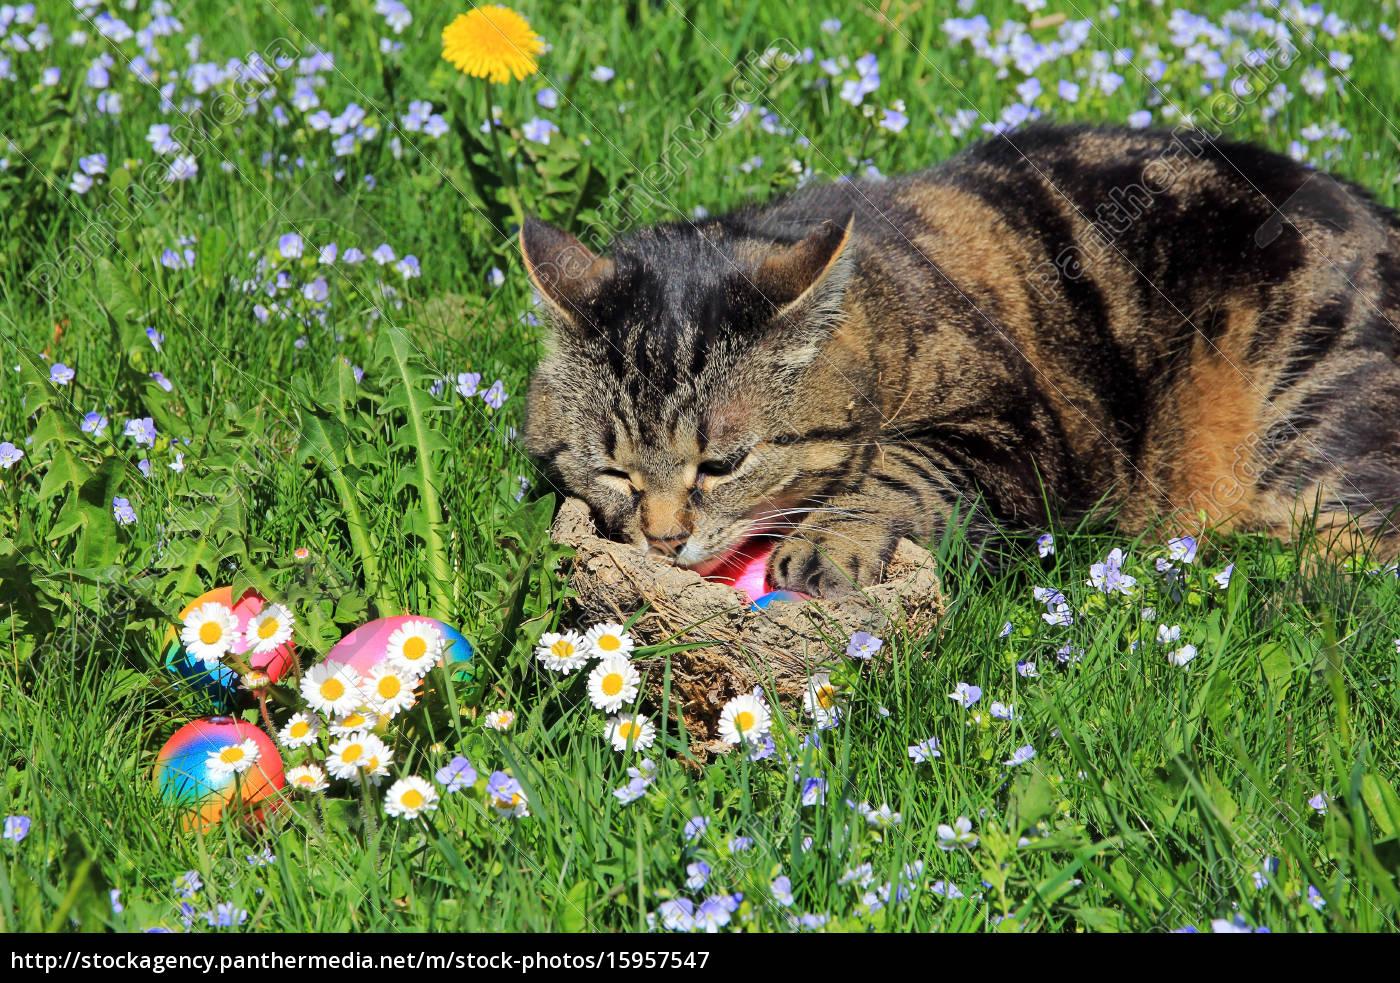 Ein Seltsamer Osterhase Eine Katze Als Osterhase Lizenzfreies